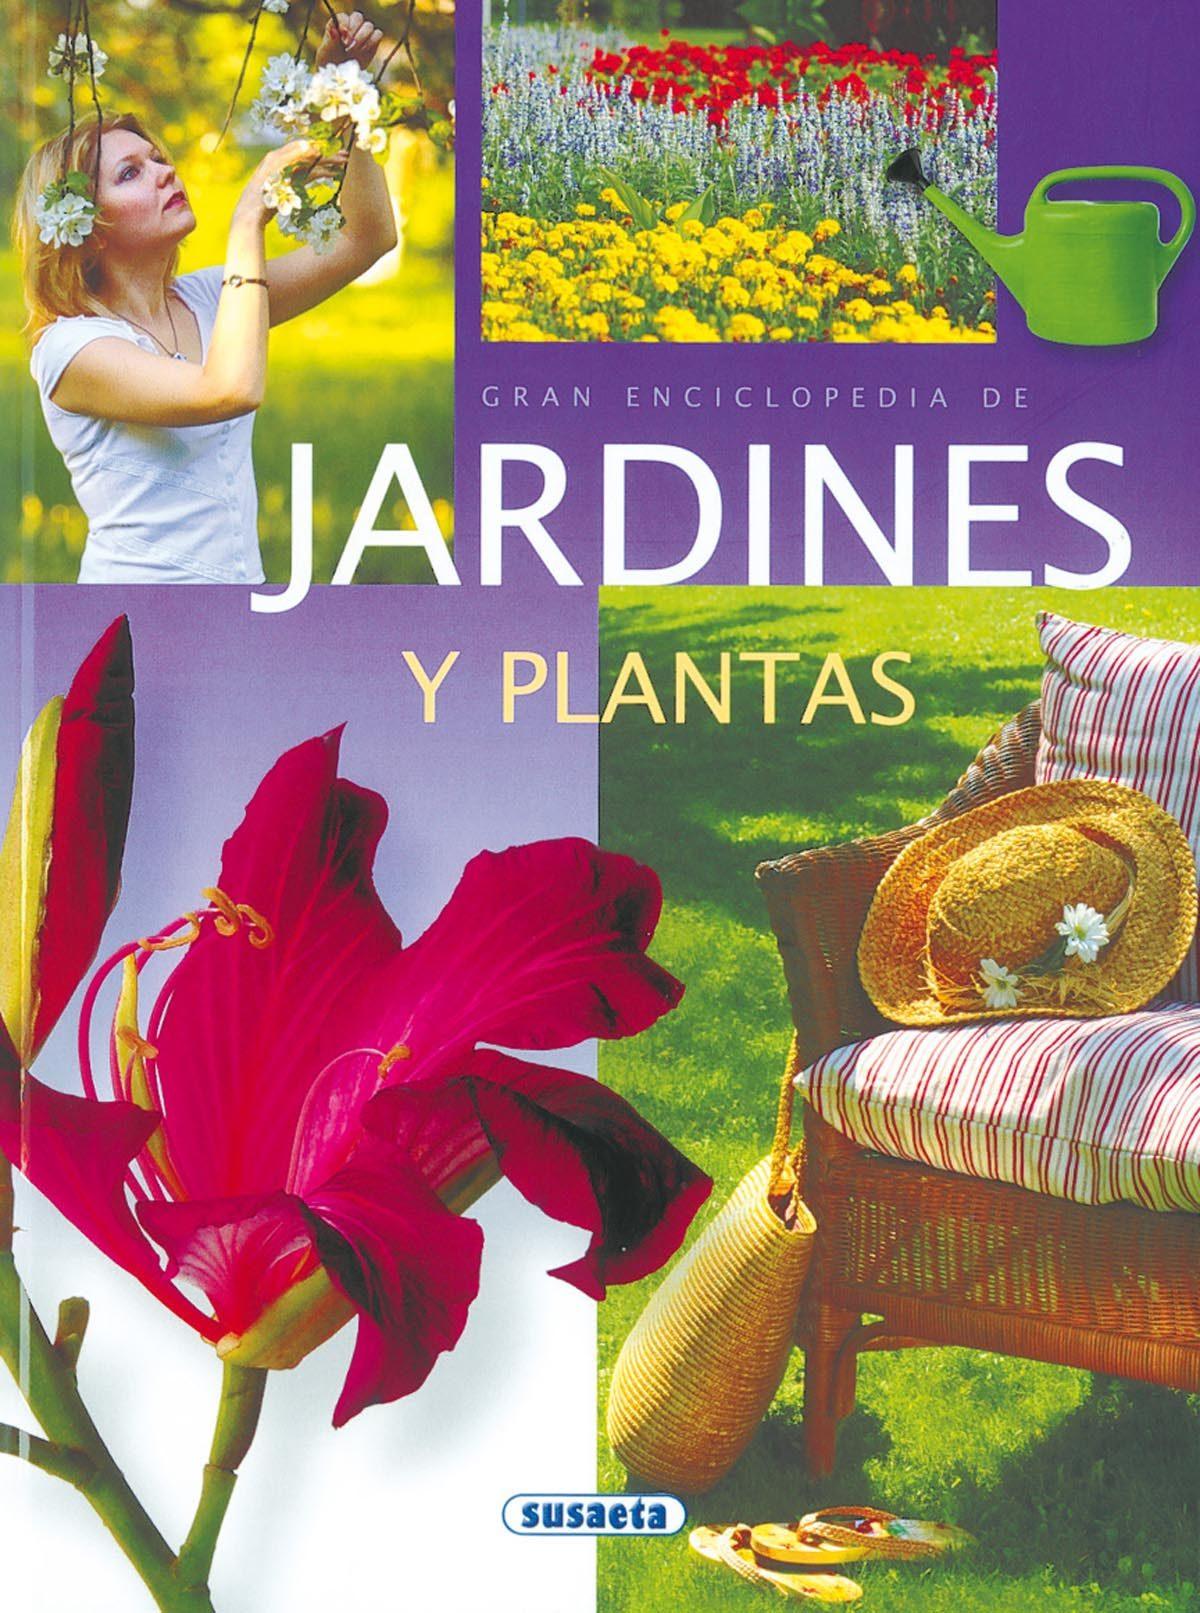 gran enciclopedia de jardines y plantas-9788430547227